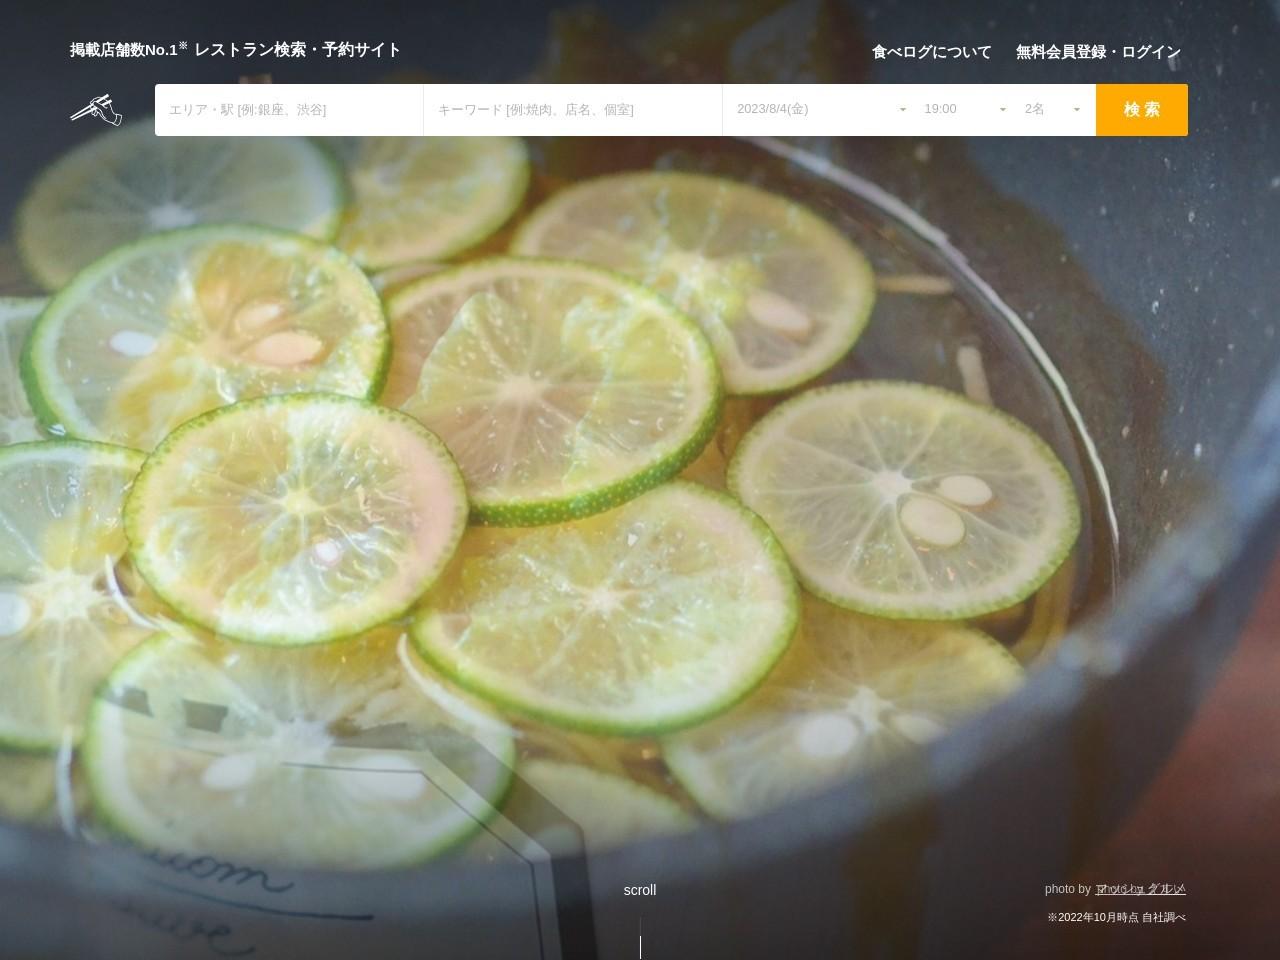 食べログ - ランキングと口コミで探せるグルメサイト